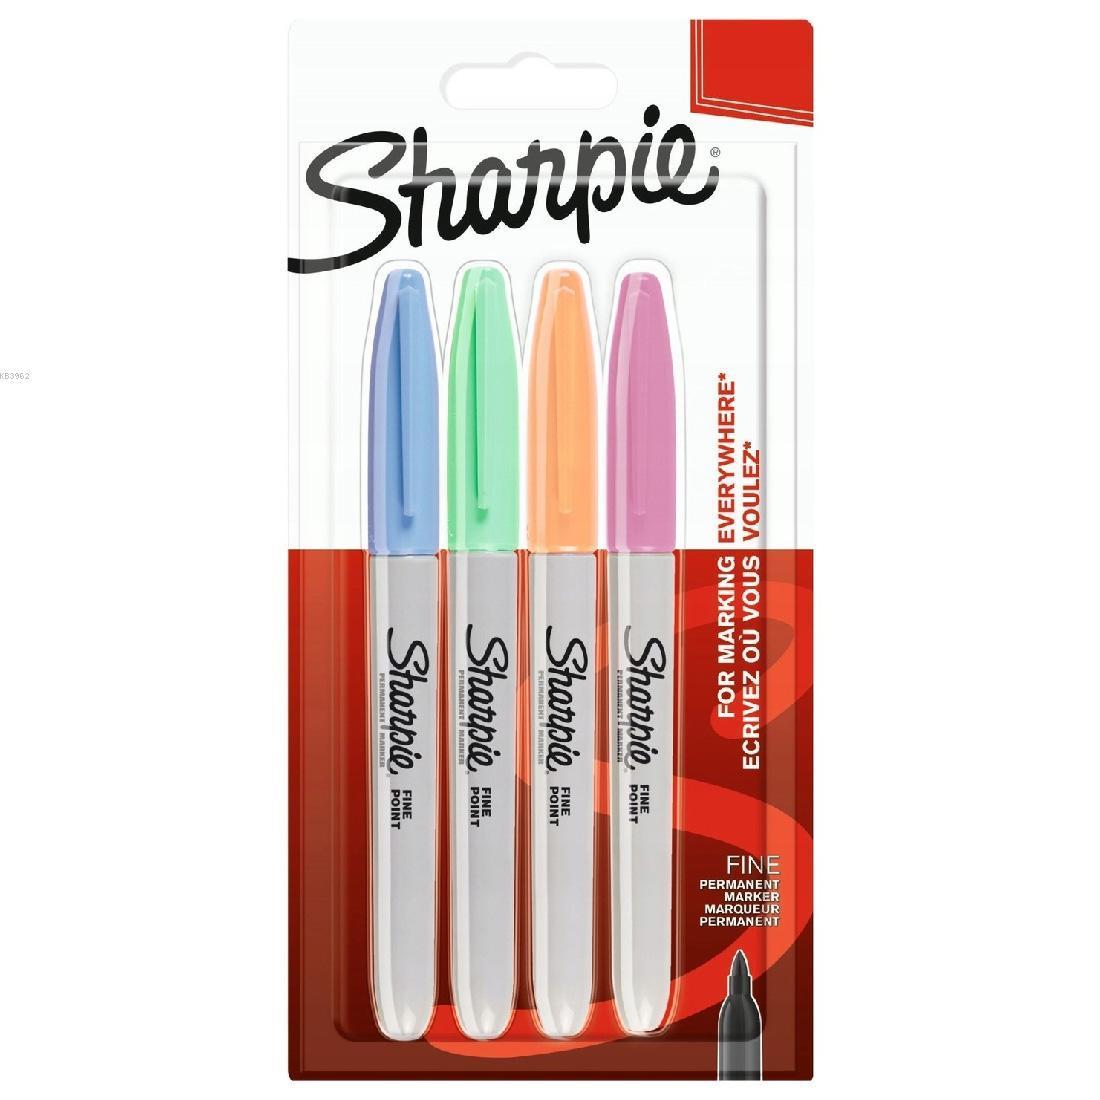 Sharpie 2065402 Fine Per. Markör Pastel Renk 4'lü